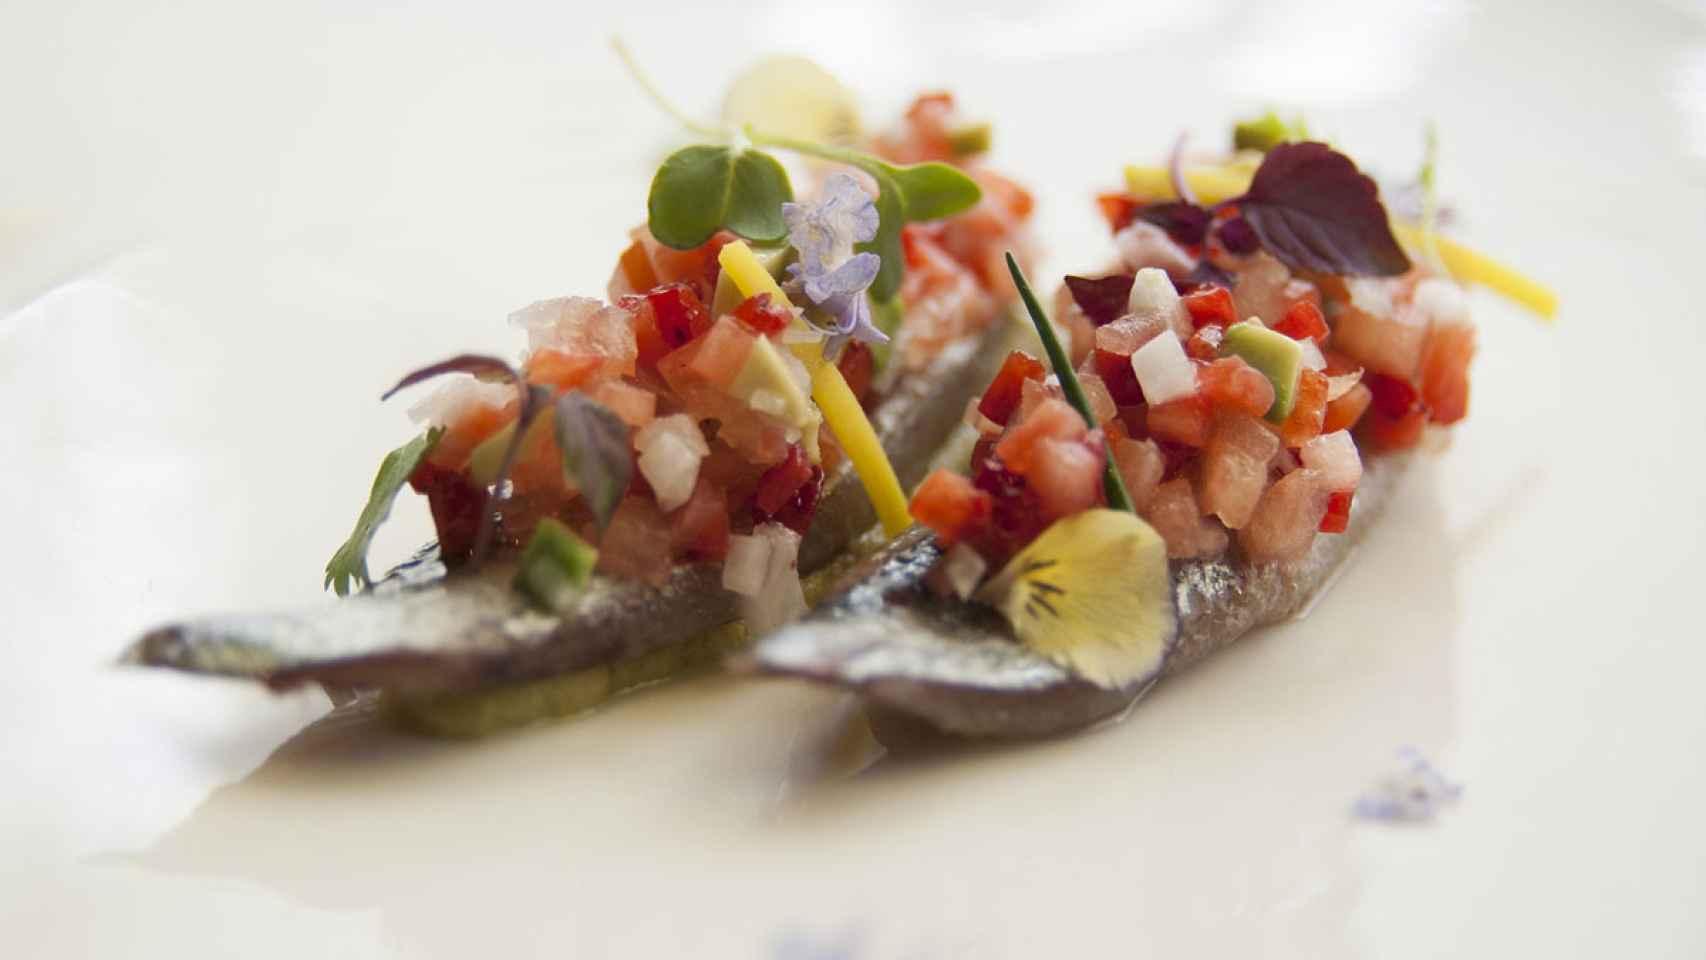 Una tapa de sardinas preparada con un toque de creatividad.